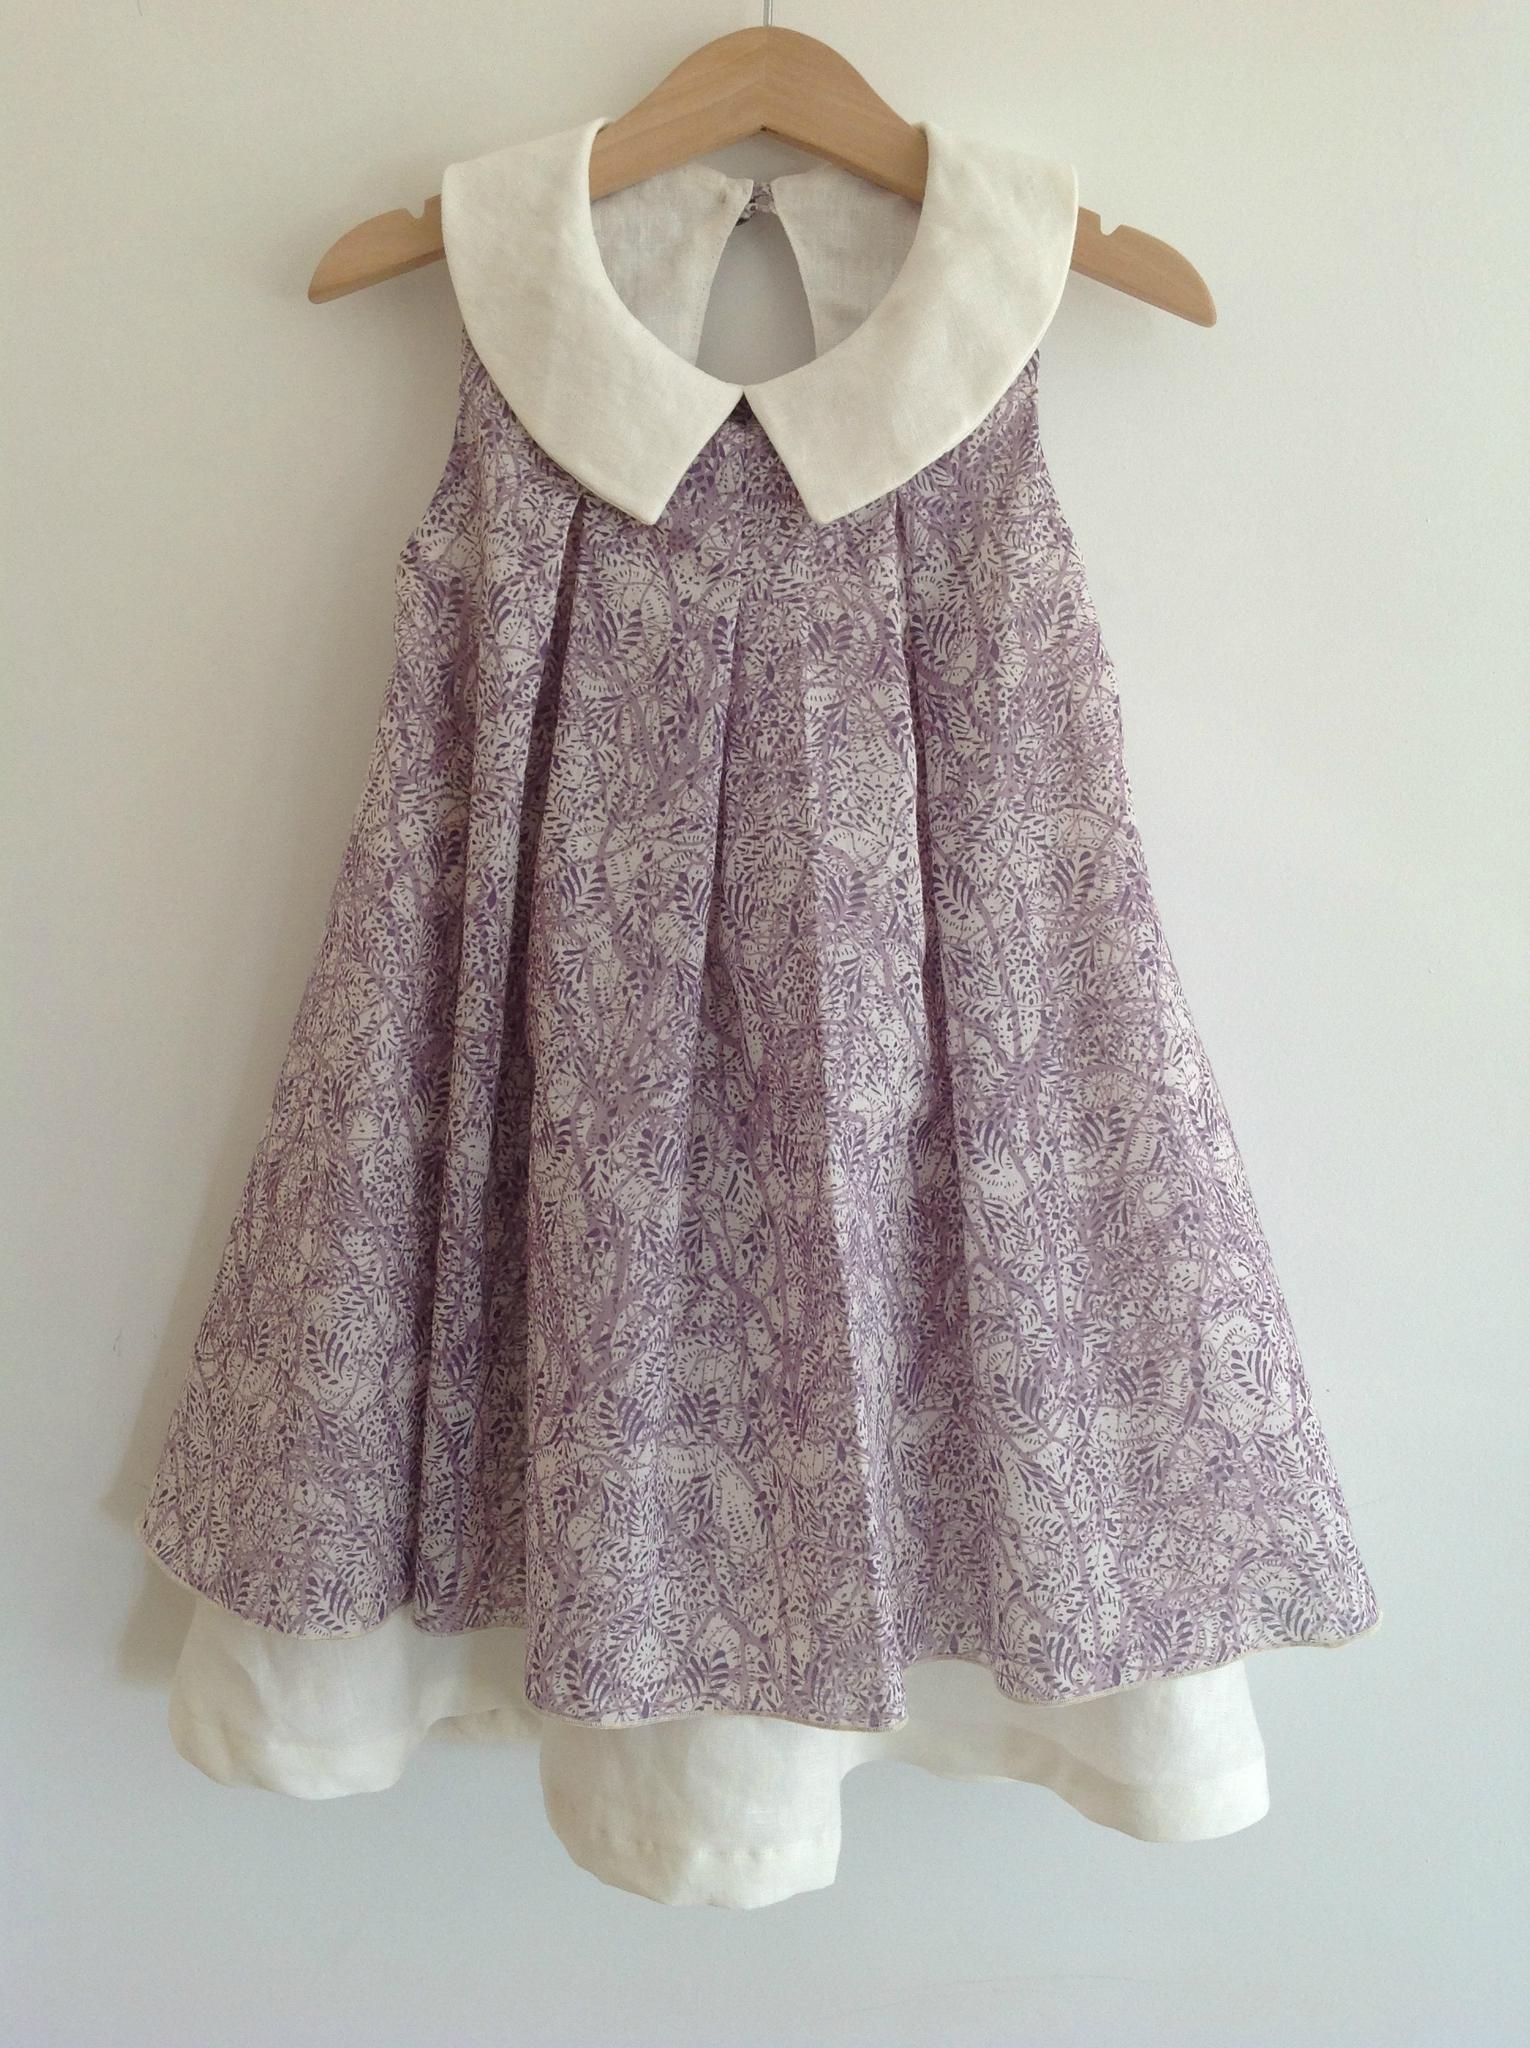 a15506e4378 Robe fille 4 ans hiver - Vêtement Aliexpress